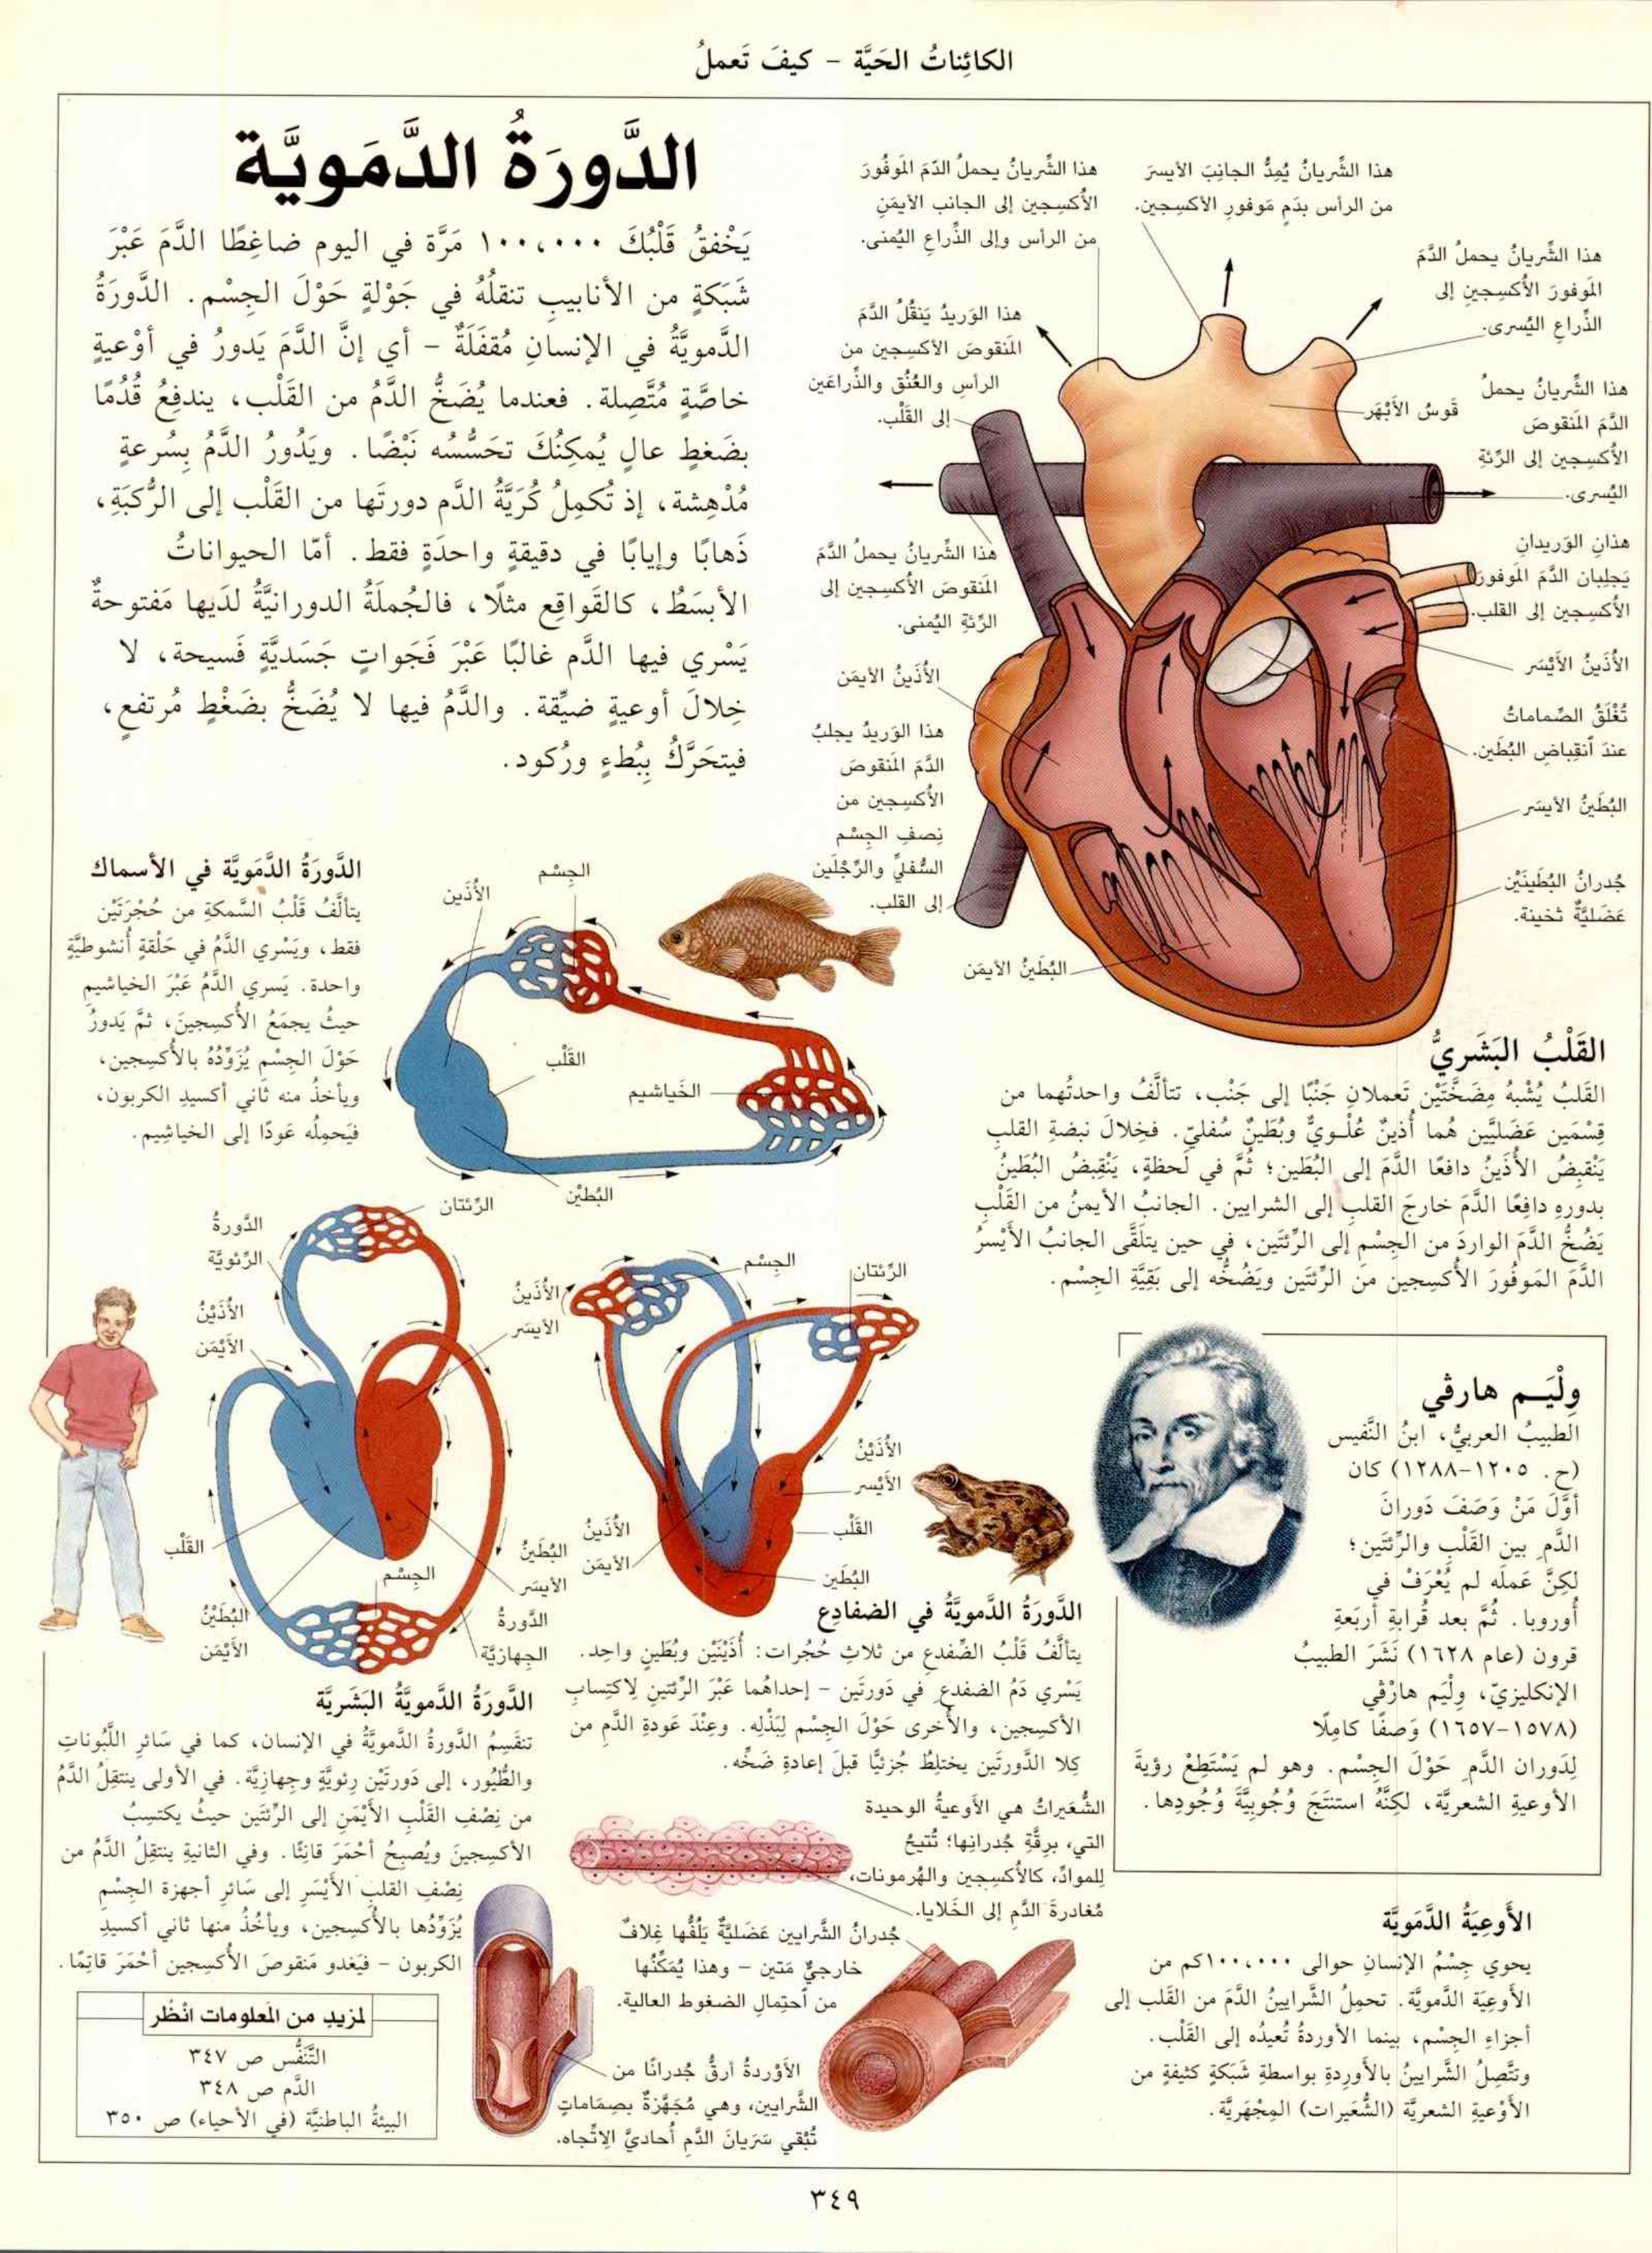 الموسوعة العلمية الشاملة مكتبة لبنان ناشرون Free Download Borrow And Streaming Internet Archive In 2021 Medical Photos Study Apps Arabic Books